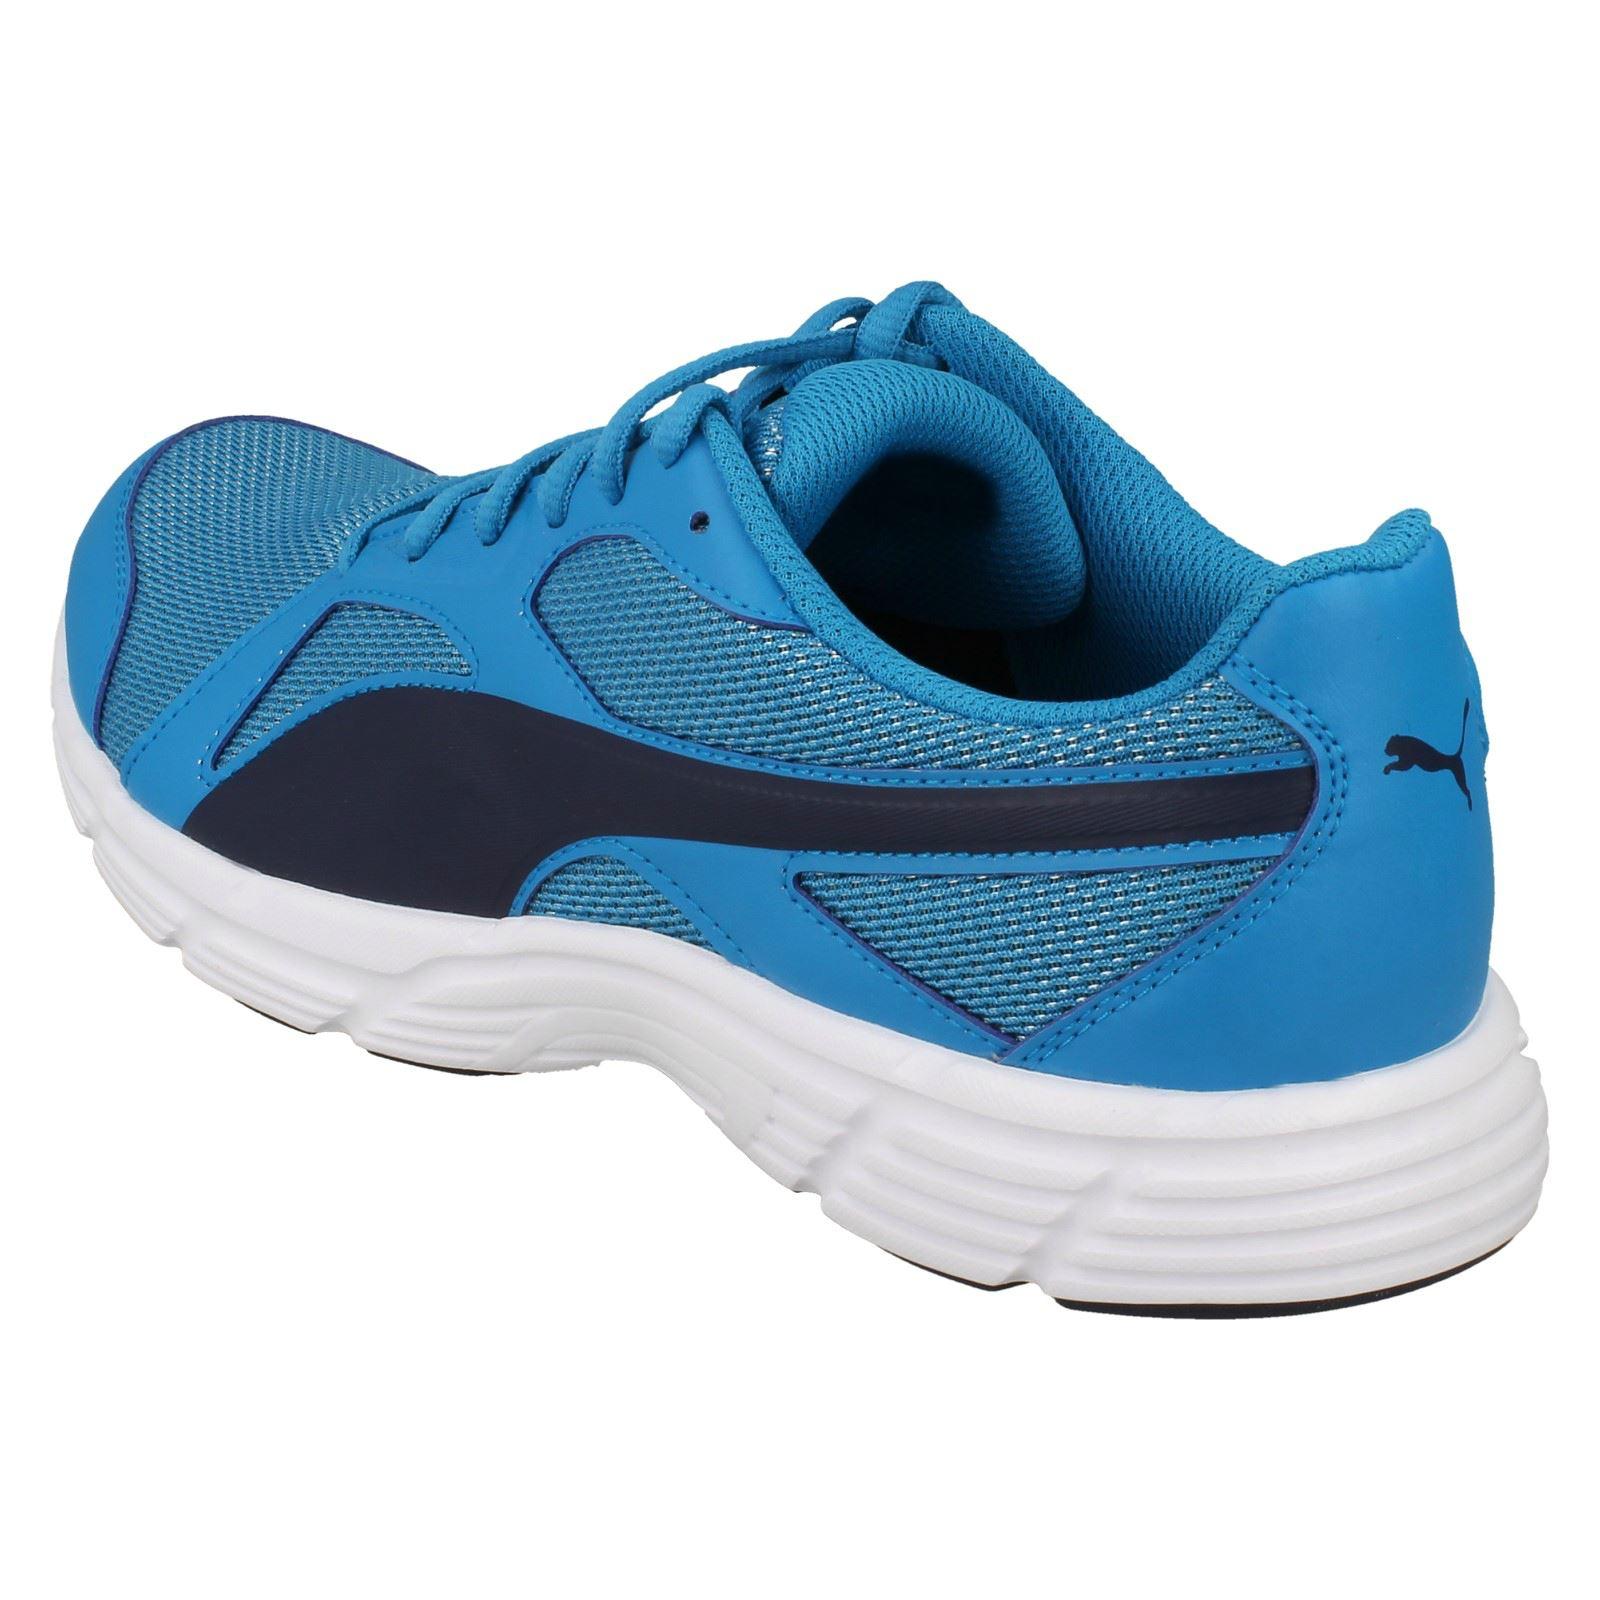 Mesh 360581 Lacets Baskets Bleu caban Axis Pour à Atomic Femmes V4 Puma 50qUa8xqw